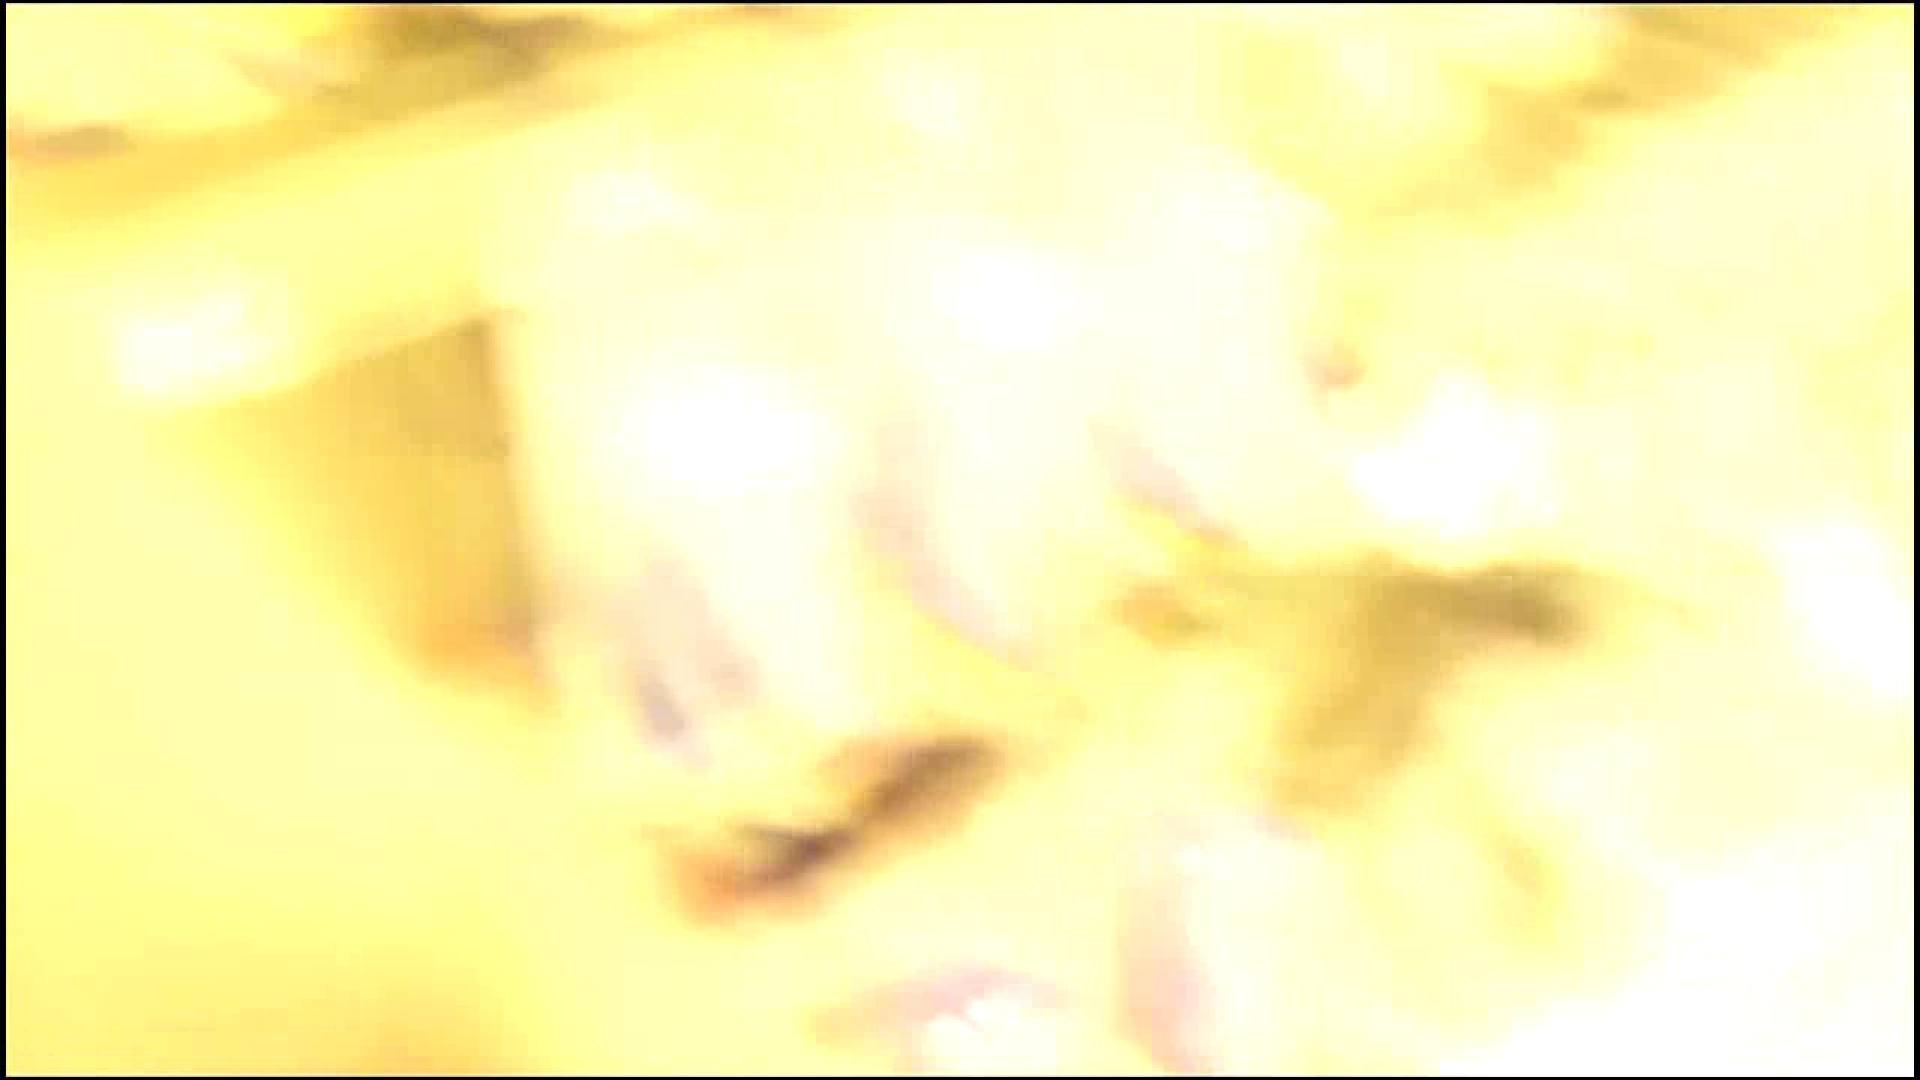 NO.1 ベビーコーナーにいた美人ママさん 美人なお姉さん おめこ無修正画像 107画像 6